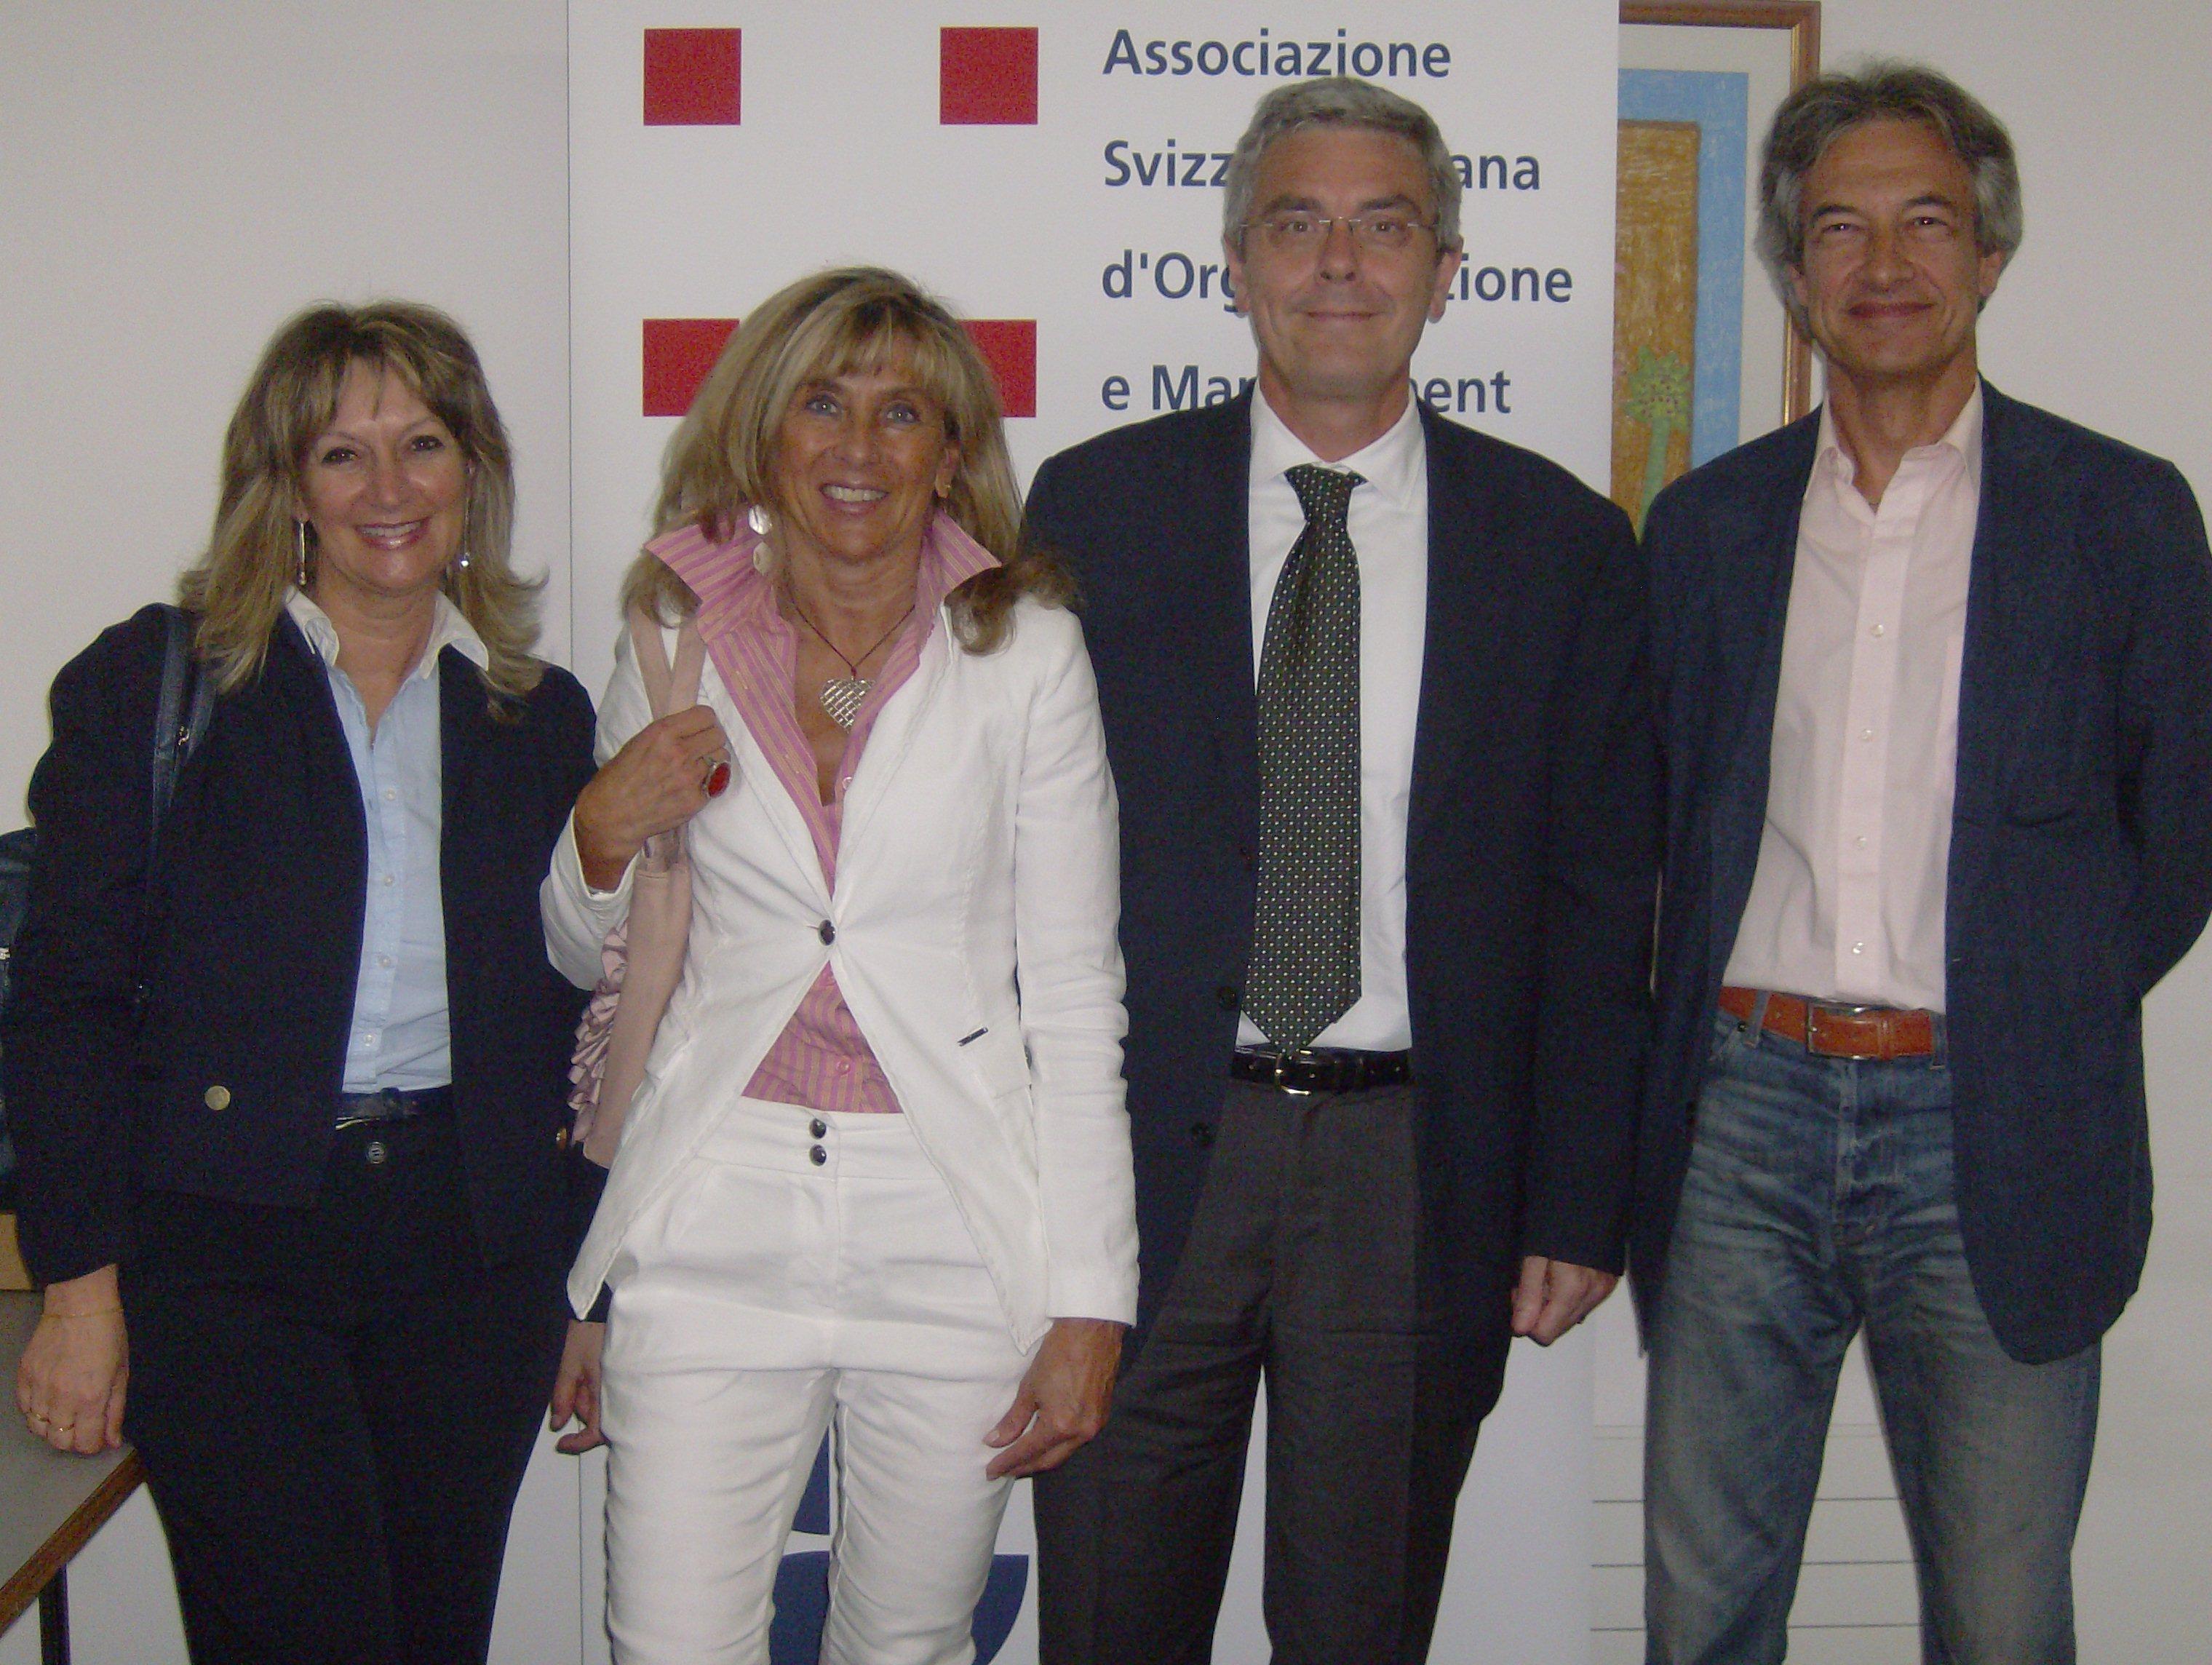 assemblea 2011002